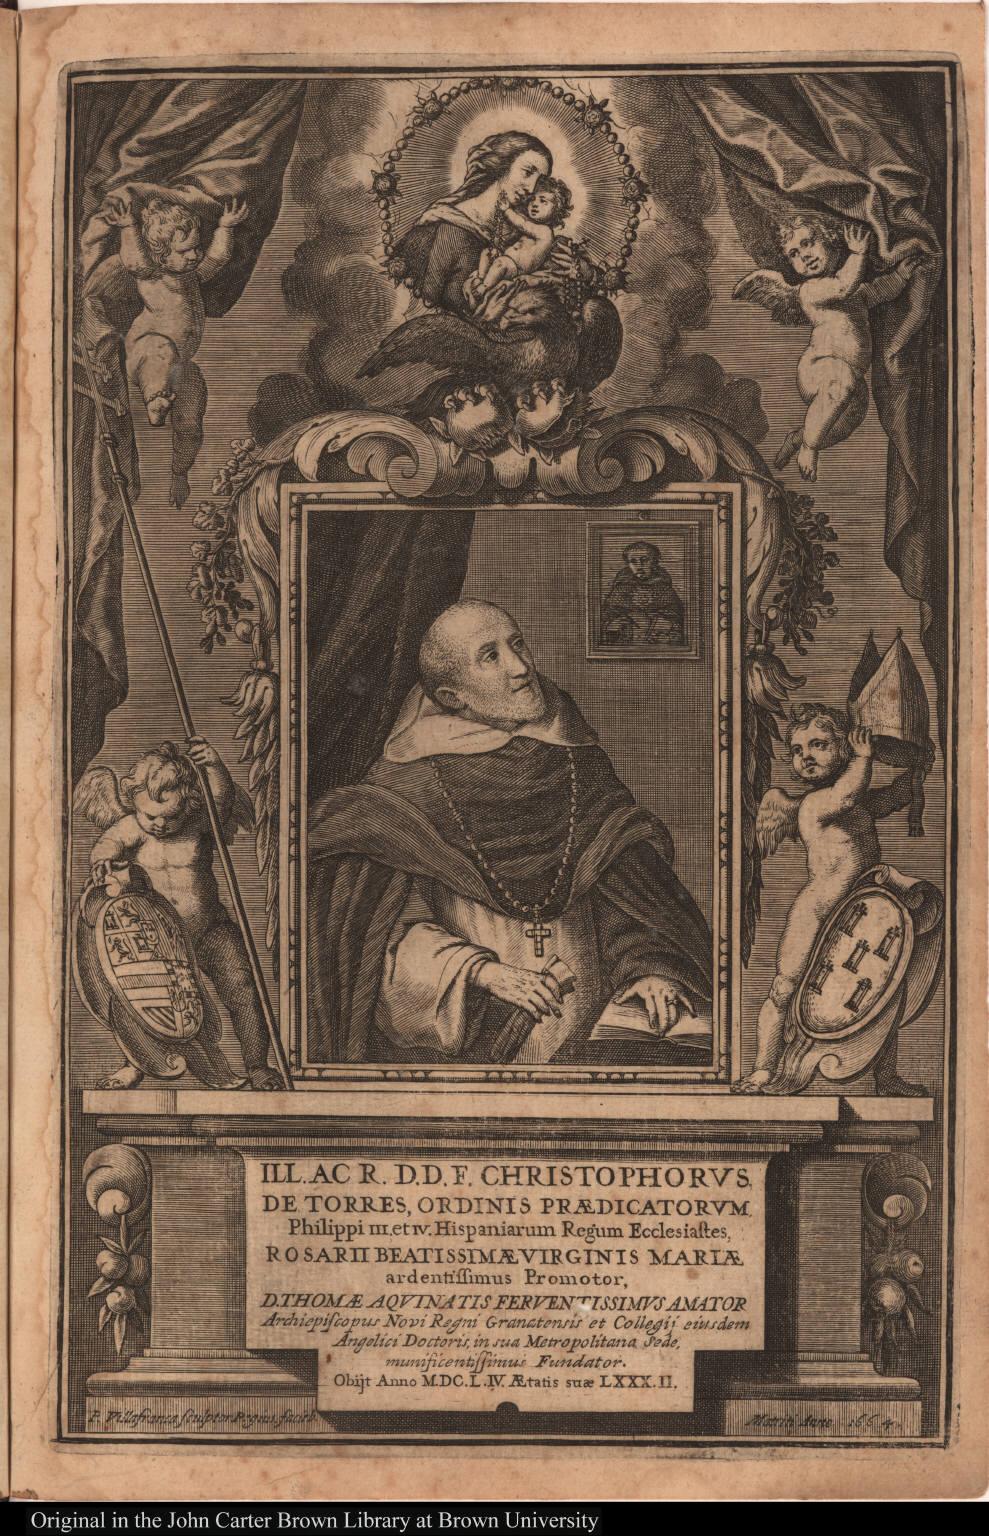 Ill.ac R. D. D. F. Christophorus de Torres, ordinis praedicatorum, Philippi III ... Rosarii beatissimae Virginis Mariae ardentissimus Promotor ...